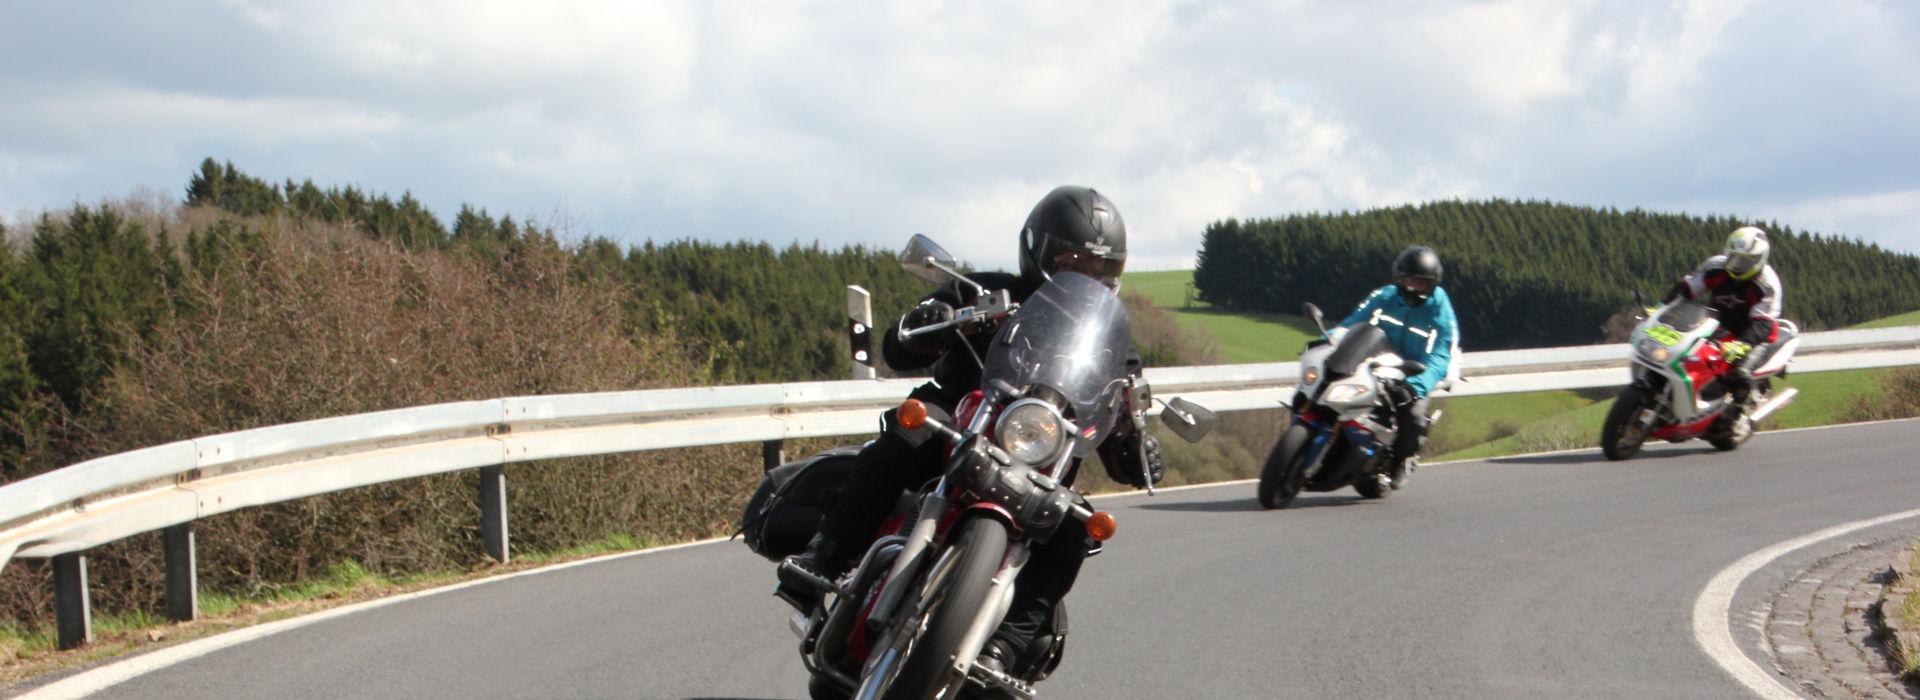 Motorrijbewijspoint Maasdam spoed motorrijbewijs